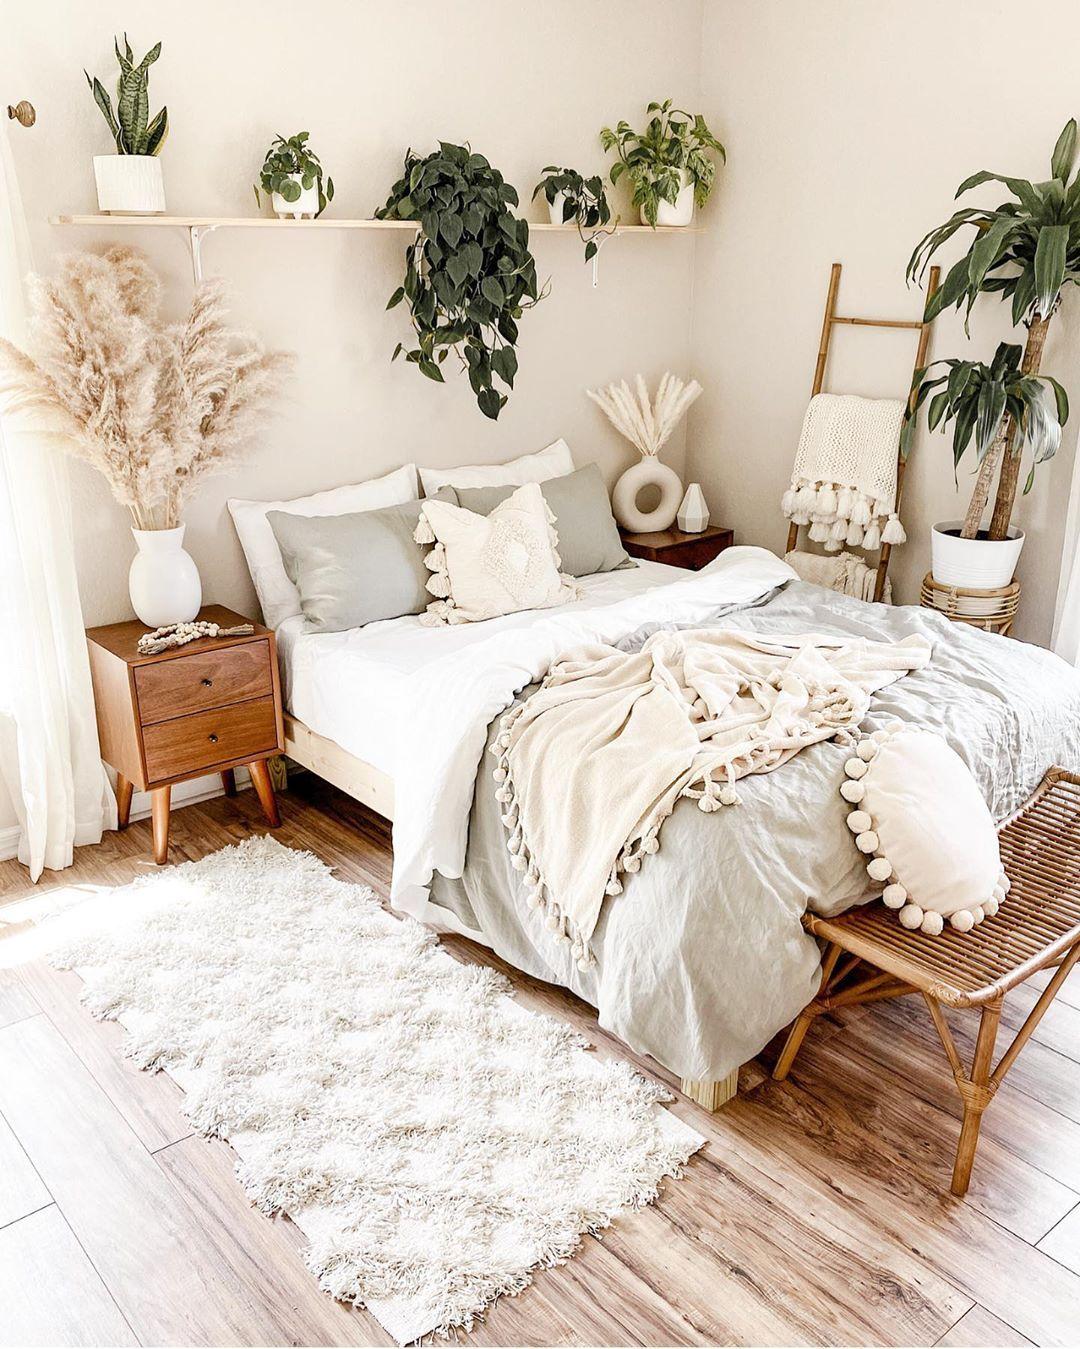 Pretty Bedroom Looking Prettier With All The Plants In It Rachelkathleen13 Room Inspiration Bedroom Redecorate Bedroom Bedroom Interior